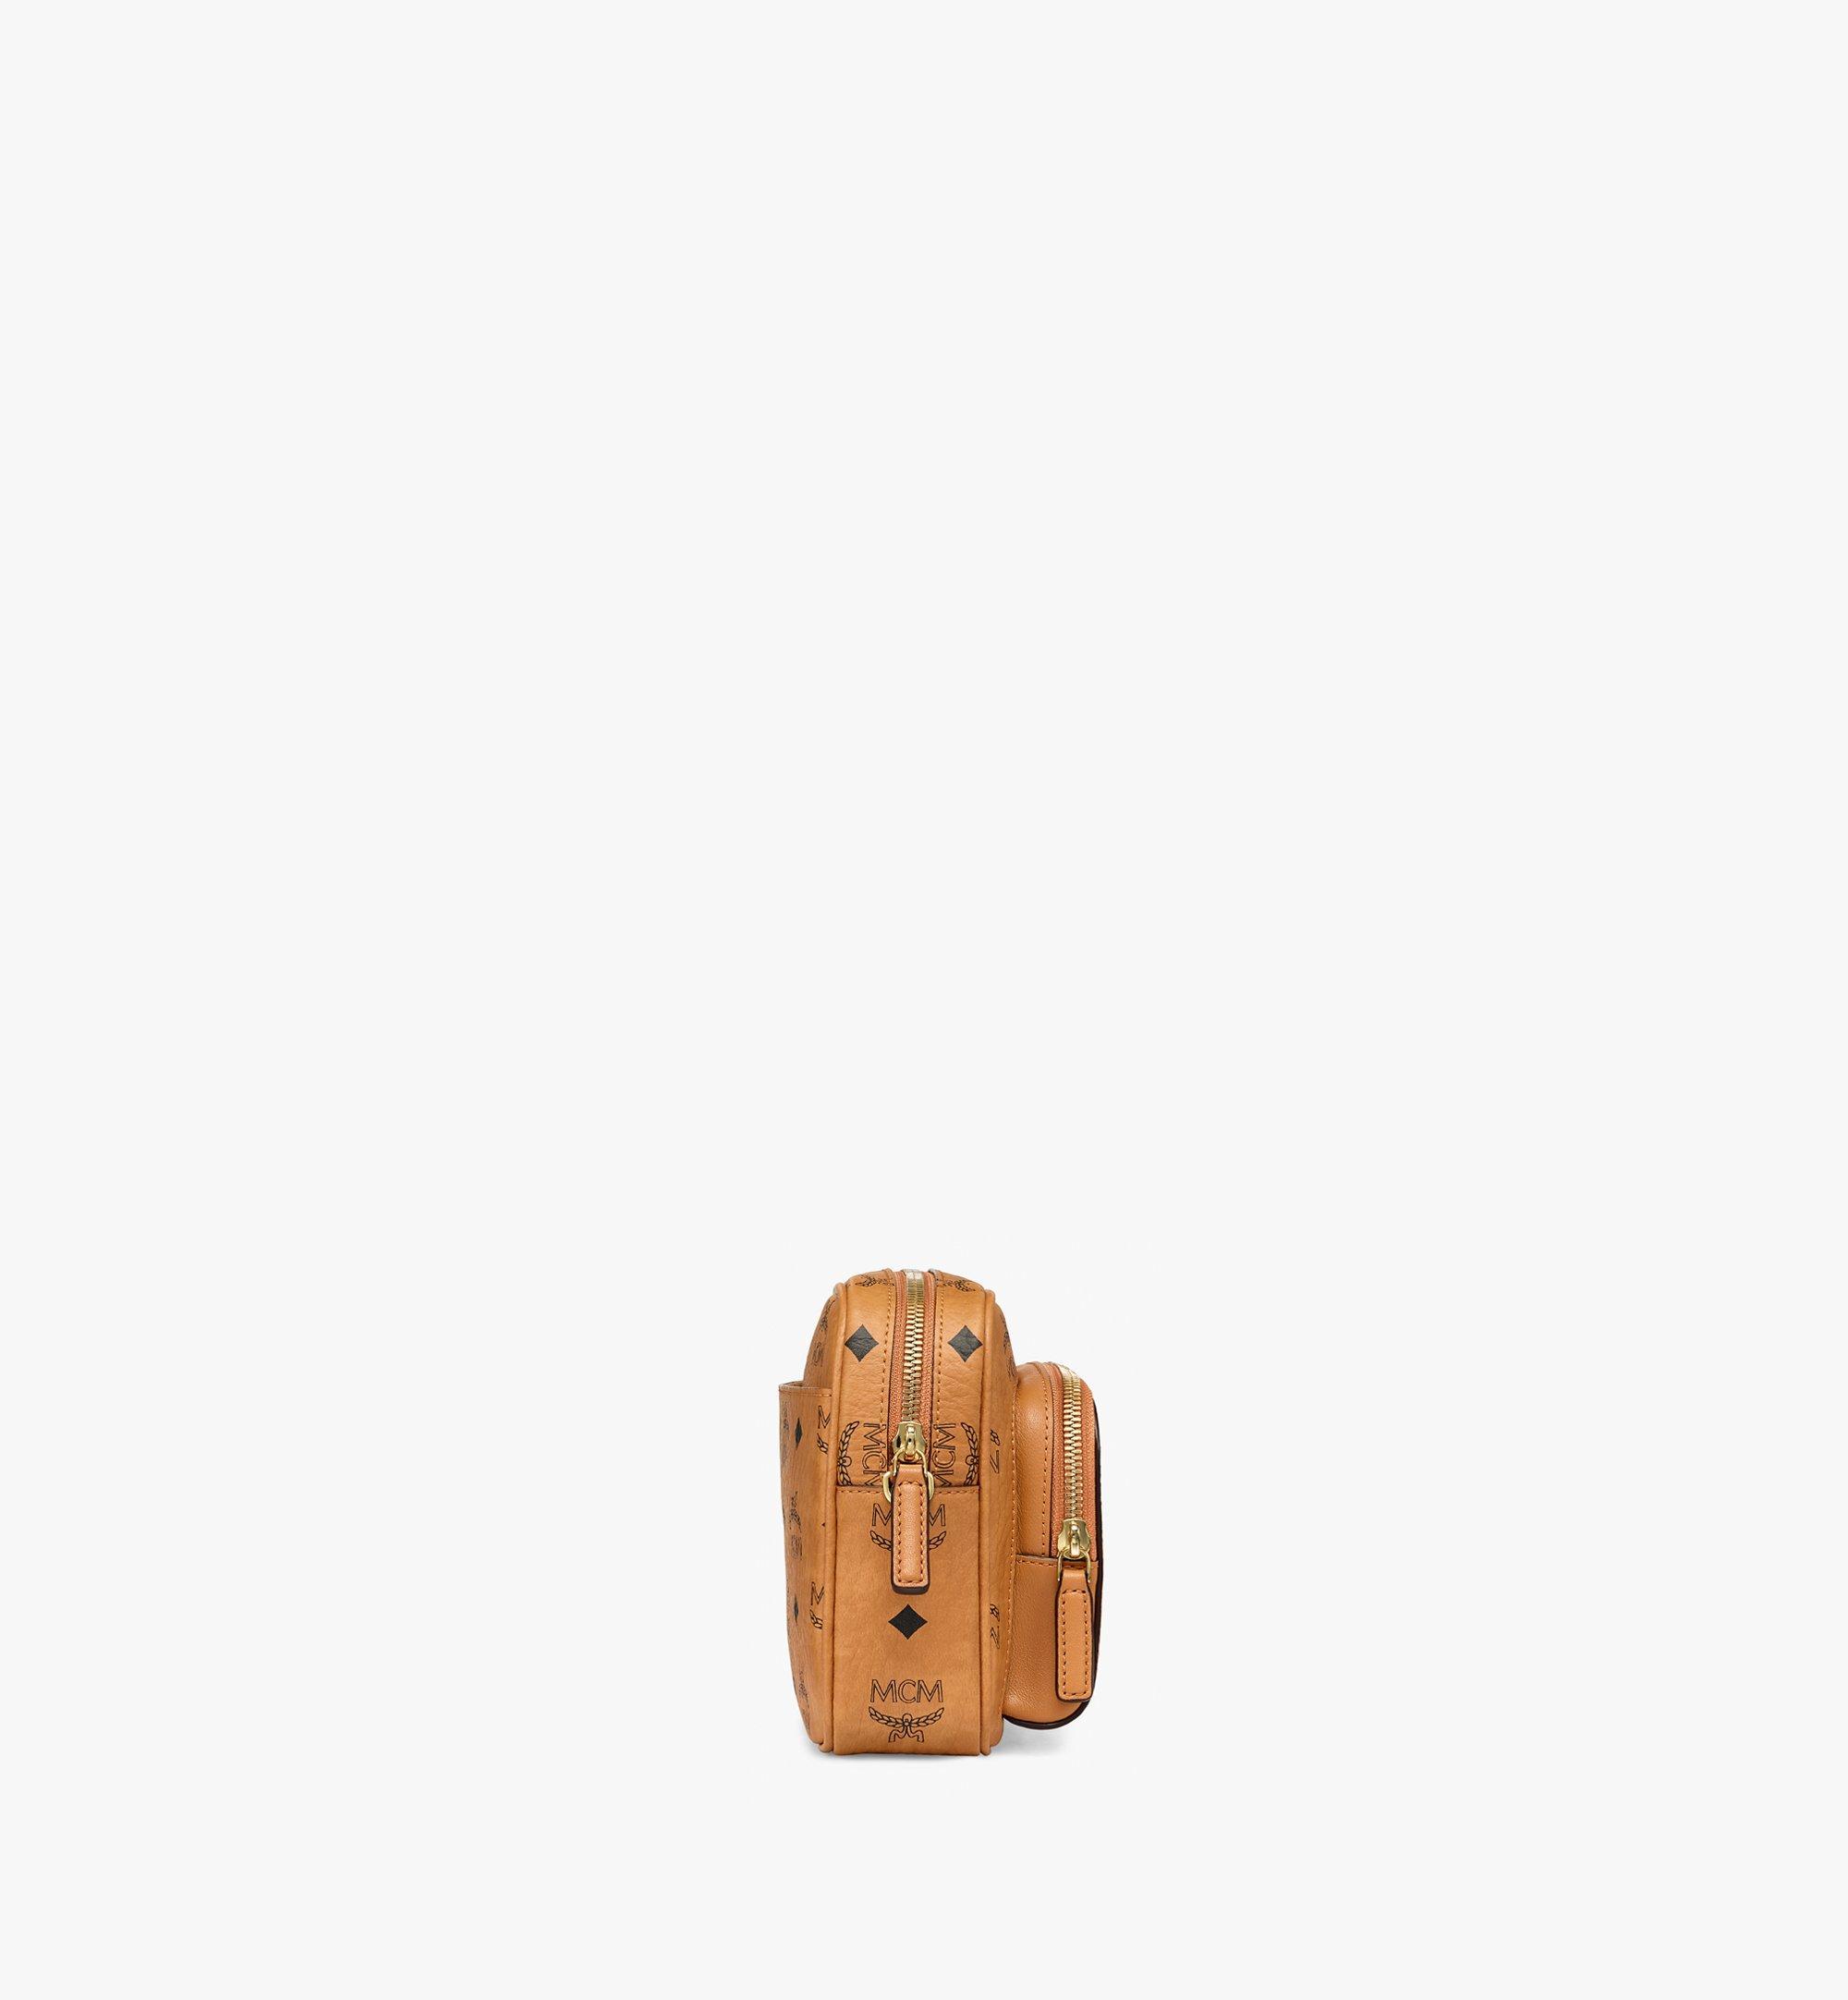 MCM 〈クラシック〉クロスボディバッグ - ジオローレル ヴィセトス Cognac MMRBSKC03CO001 ほかの角度から見る 1